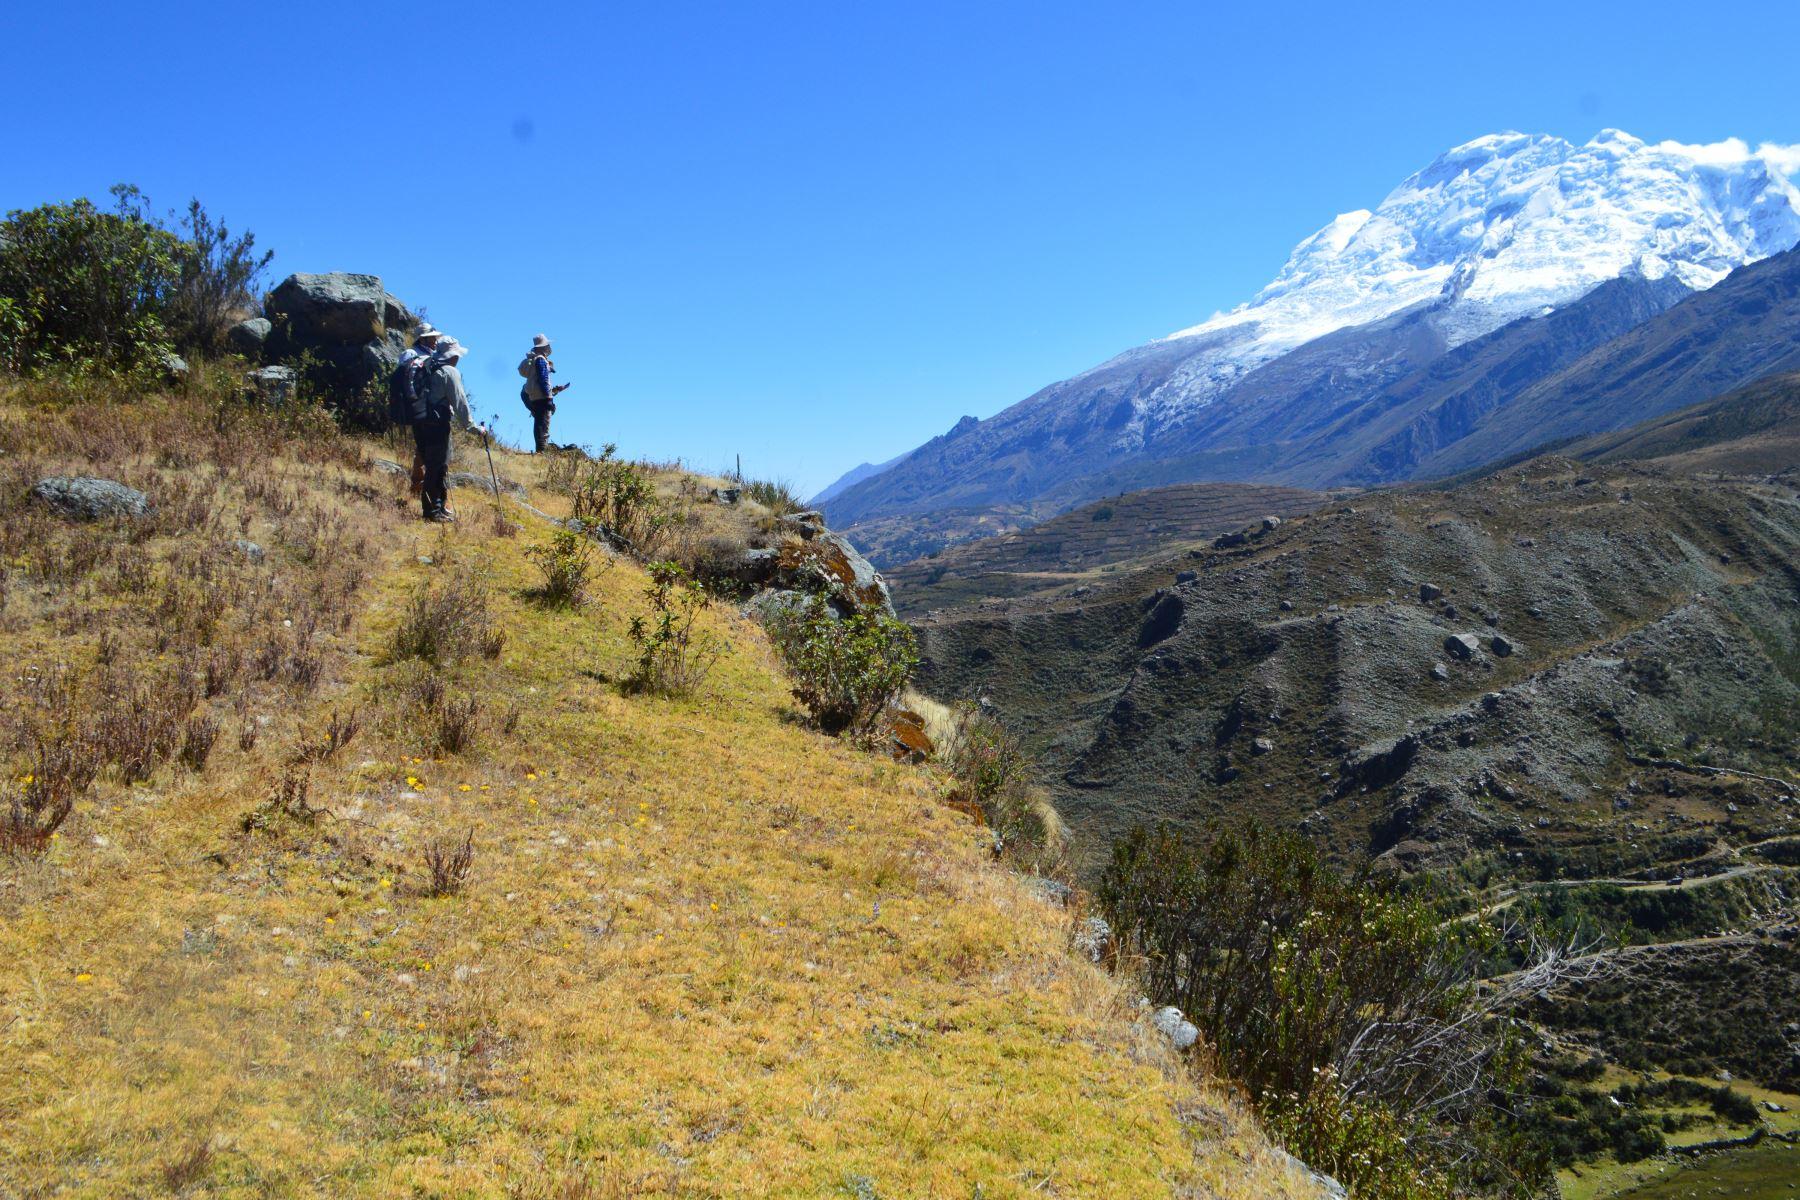 Investigadores del Ingemmet desarrollaron estudios de geomorfología para reconstruir cómo eran los glaciares del pasado. ANDINA/Ingemmet